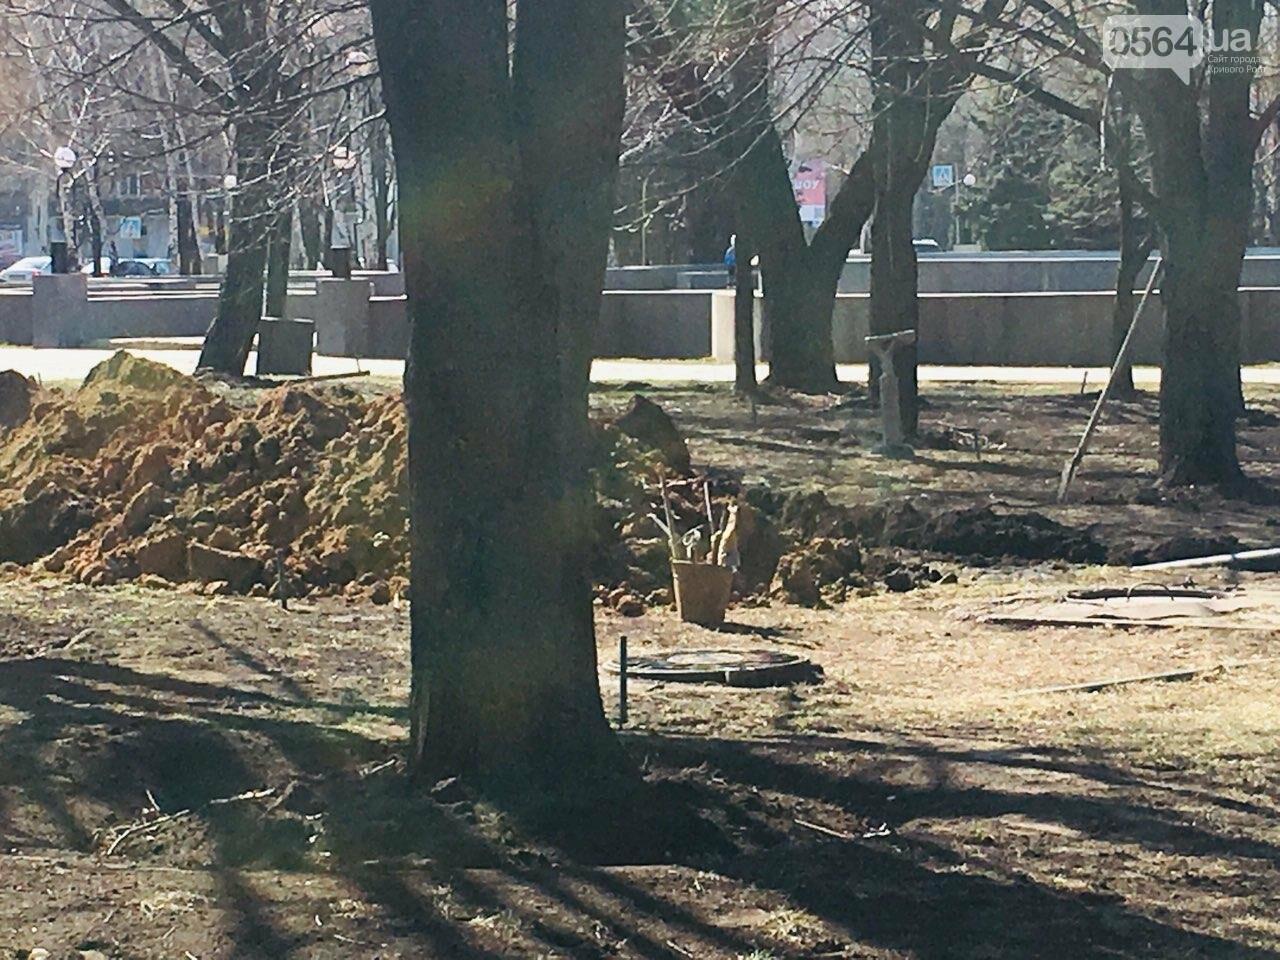 В сквере под Криворожским горисполкомом начались ремонтные работы, - ФОТО , фото-5